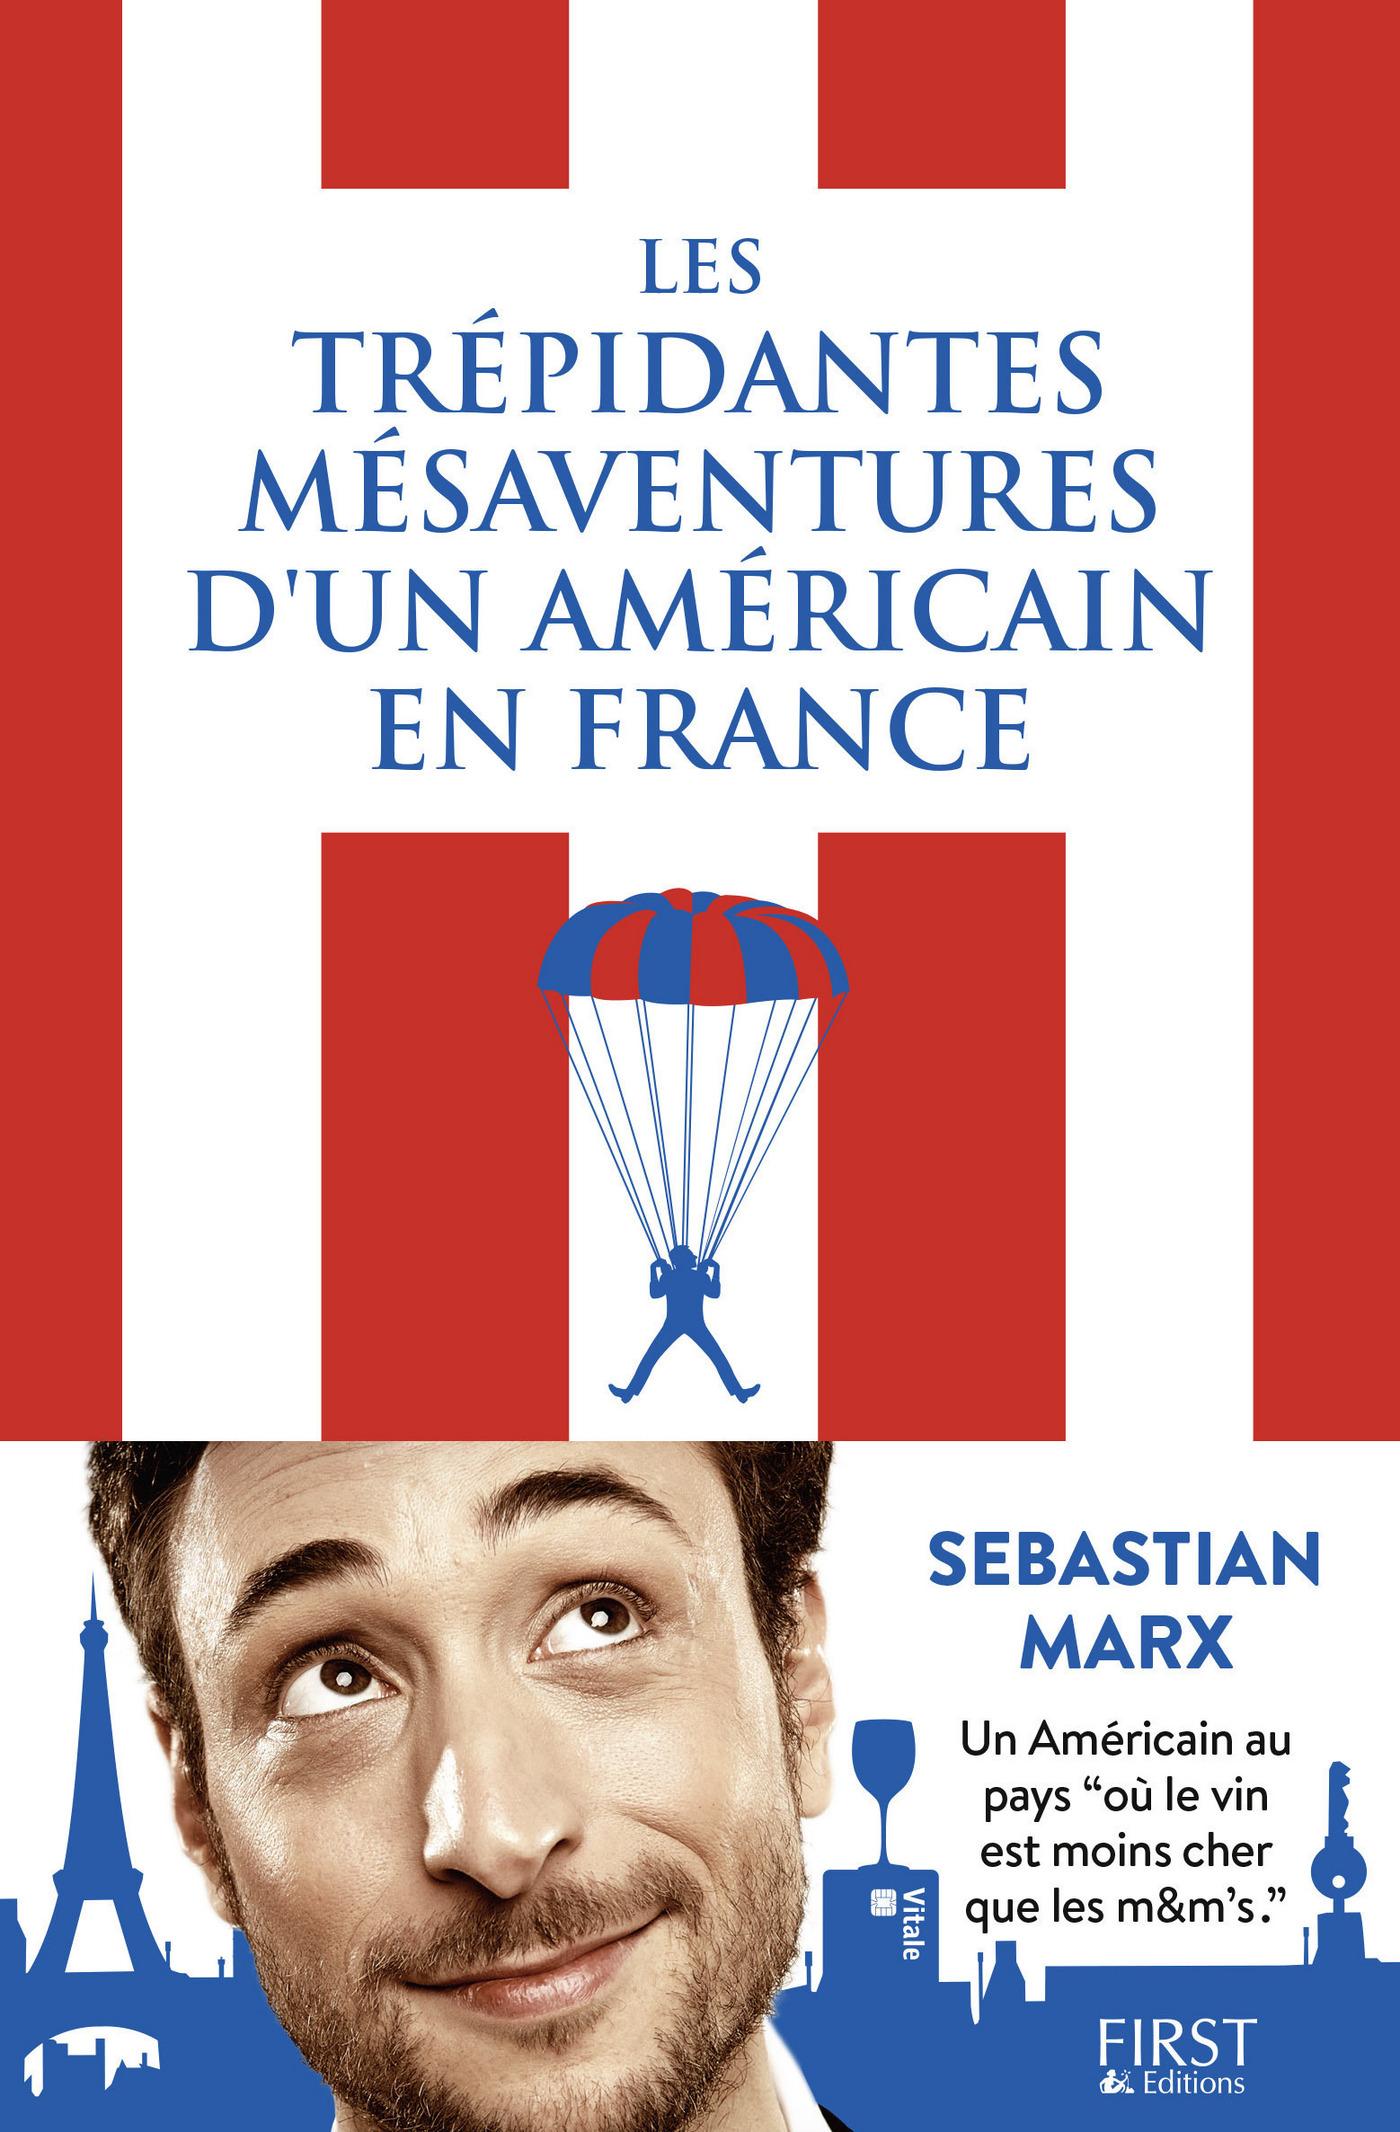 Les trépidantes aventures d'un Américain en France